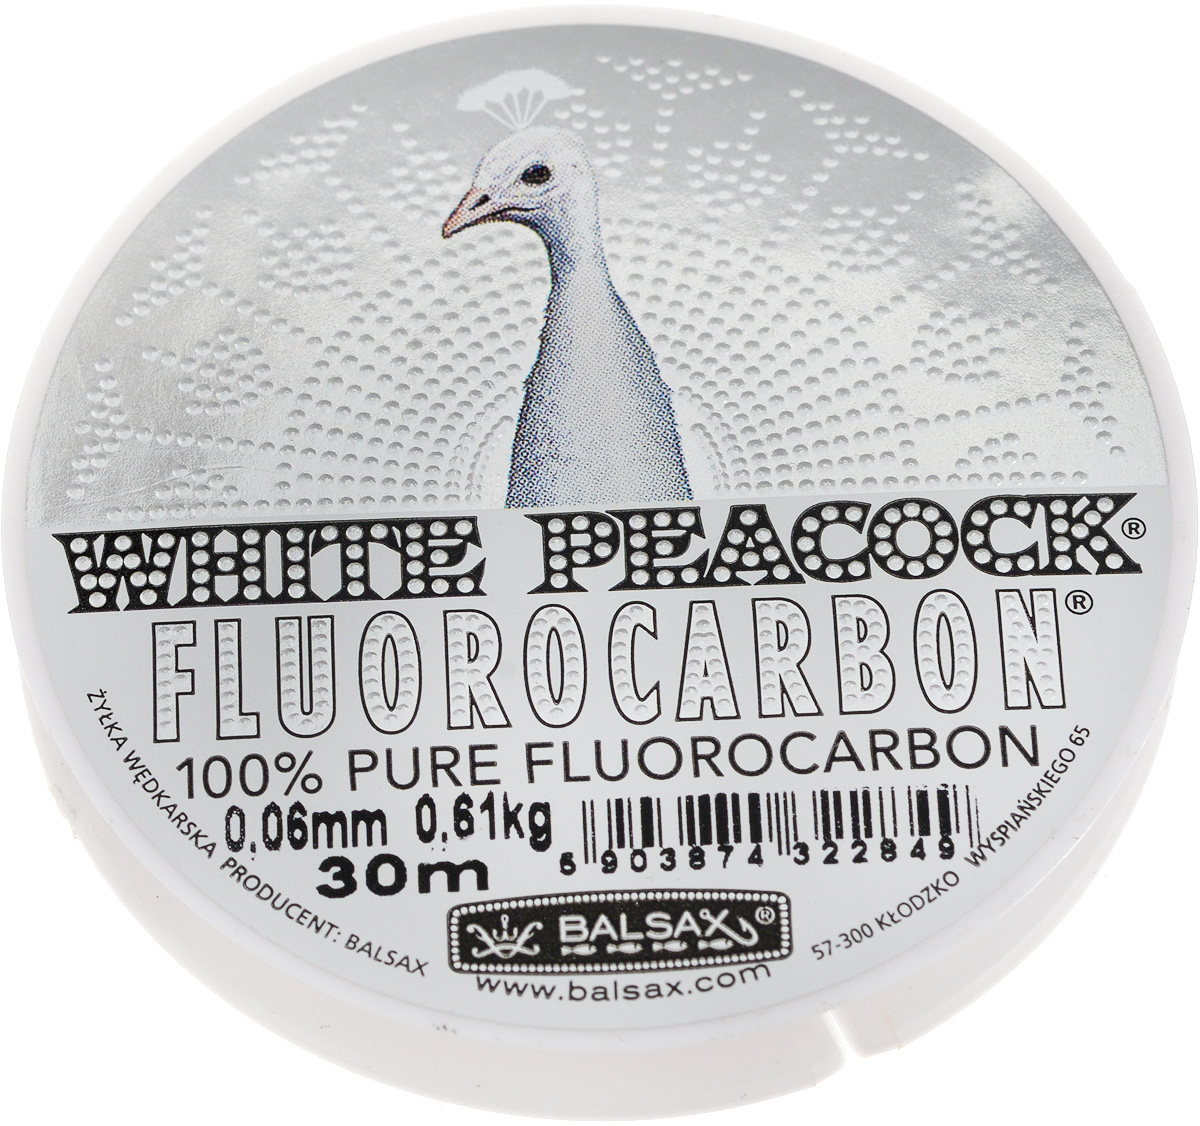 Леска флюорокарбоновая Balsax White Peacock, 30 м, 0,06 мм, 0,61 кг304-09075Флюорокарбоновая леска Balsax White Peacock становится абсолютно невидимой в воде. Обычные лески отражают световые лучи, поэтому рыбы их обнаруживают. Флюорокарбон имеет приближенный к воде коэффициент преломления, поэтому пропускает сквозь себя свет, не давая отражений. Рыбы не видят флюорокарбон. Многие рыболовы во всем мире используют подобные лески в качестве поводковых, благодаря чему получают более лучшие результаты.Флюорокарбон на 50% тяжелее обычных лесок и на 78% тяжелее воды. Понятно, почему этот материал используется для рыболовных лесок, он тонет очень быстро. Флюорокарбон не впитывает воду даже через 100 часов нахождения в ней. Обычные лески впитывают до 10% воды в течение 24 часов, что приводит к потере 5 - 10% прочности. Сопротивляемость флюорокарбона к истиранию значительно больше, чем у обычных лесок. Он выдерживает температуры от -40°C до +160°C.